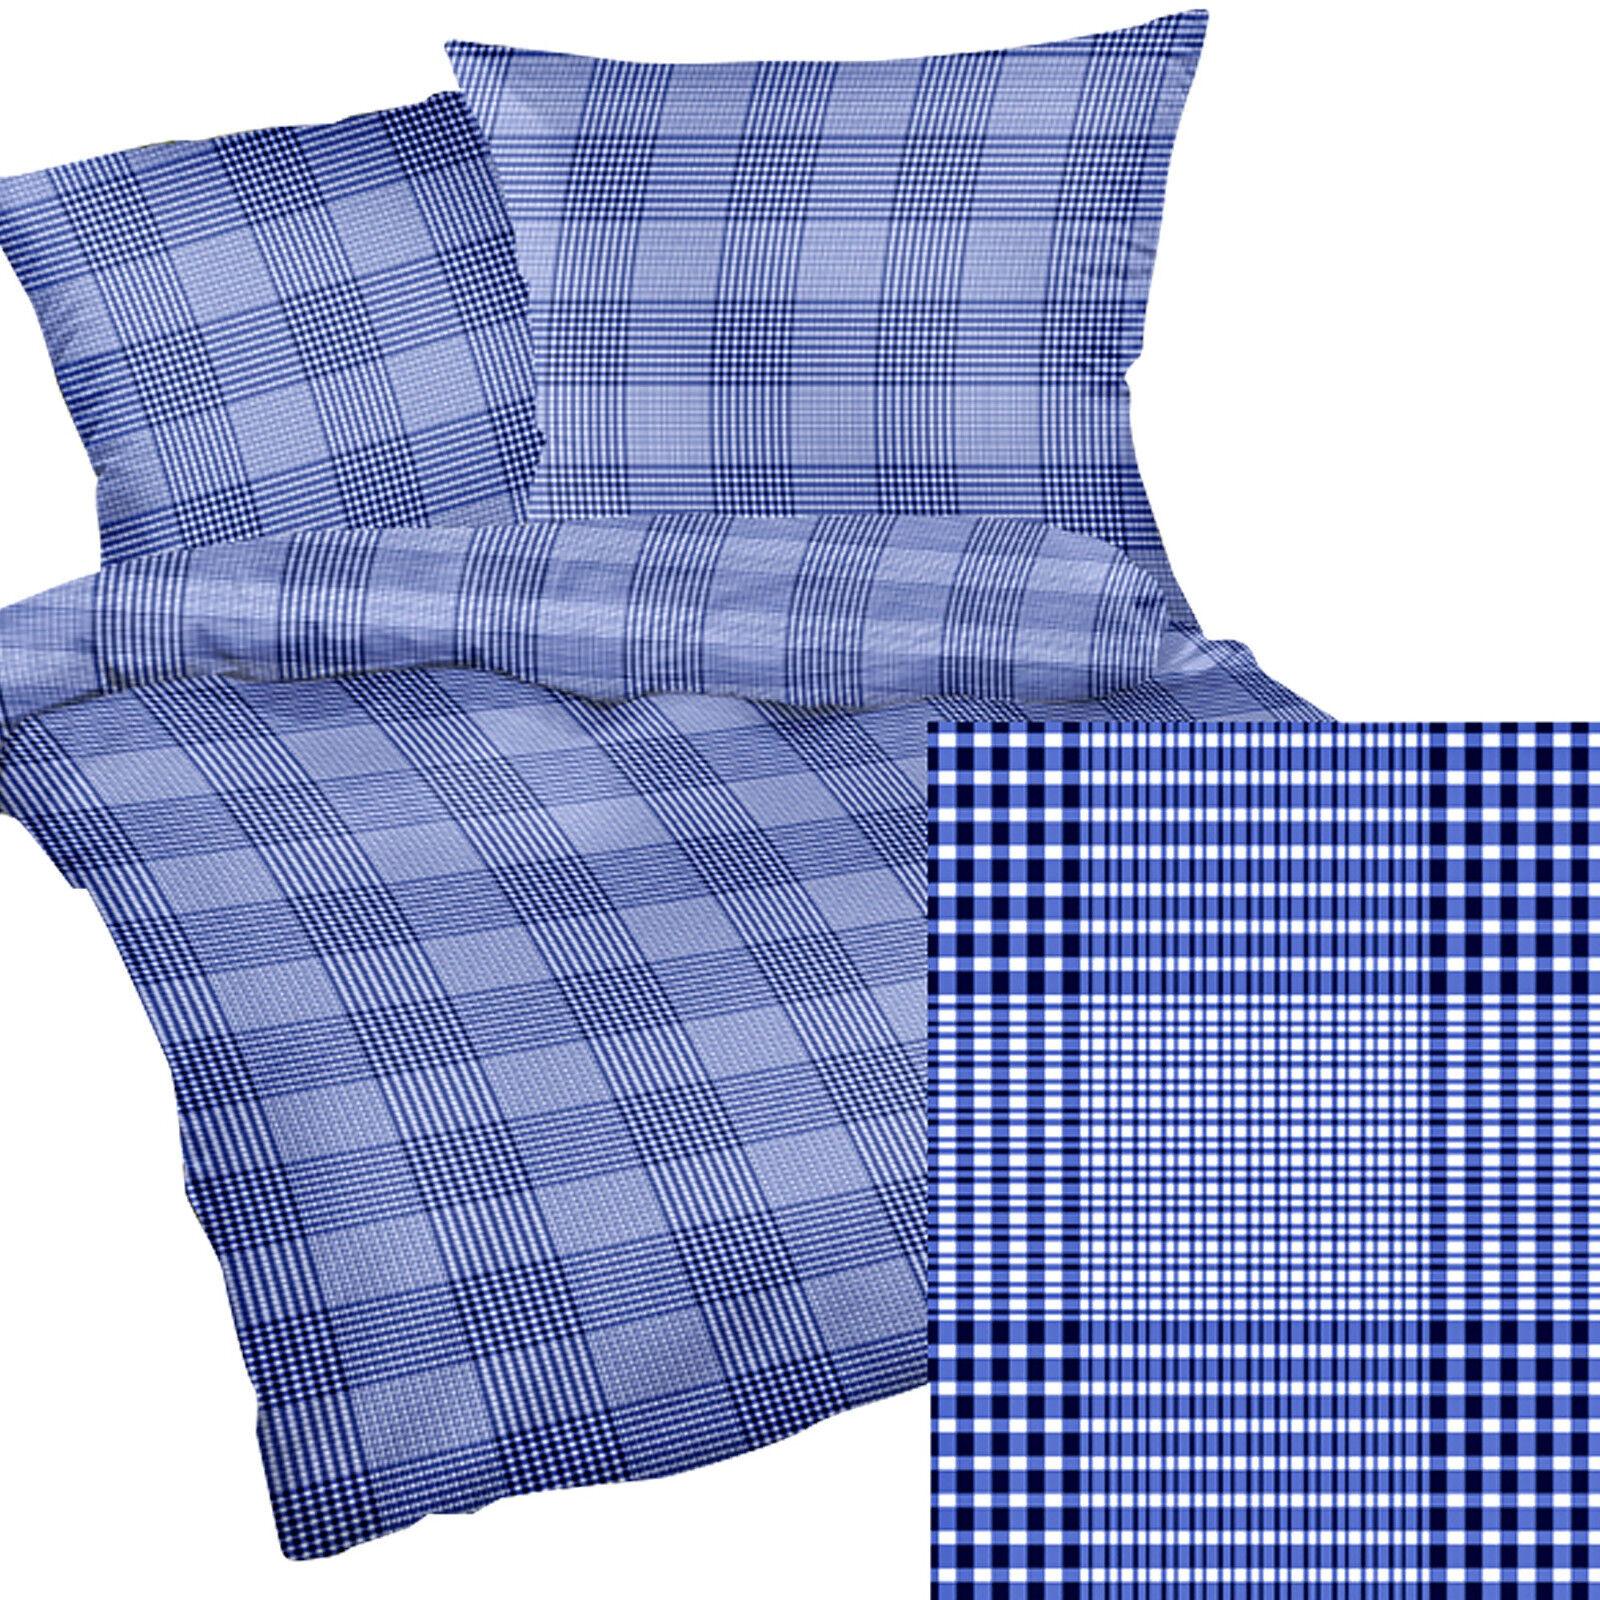 Bettbezug Sommer Test Vergleich Bettbezug Sommer Kaufen Sparen